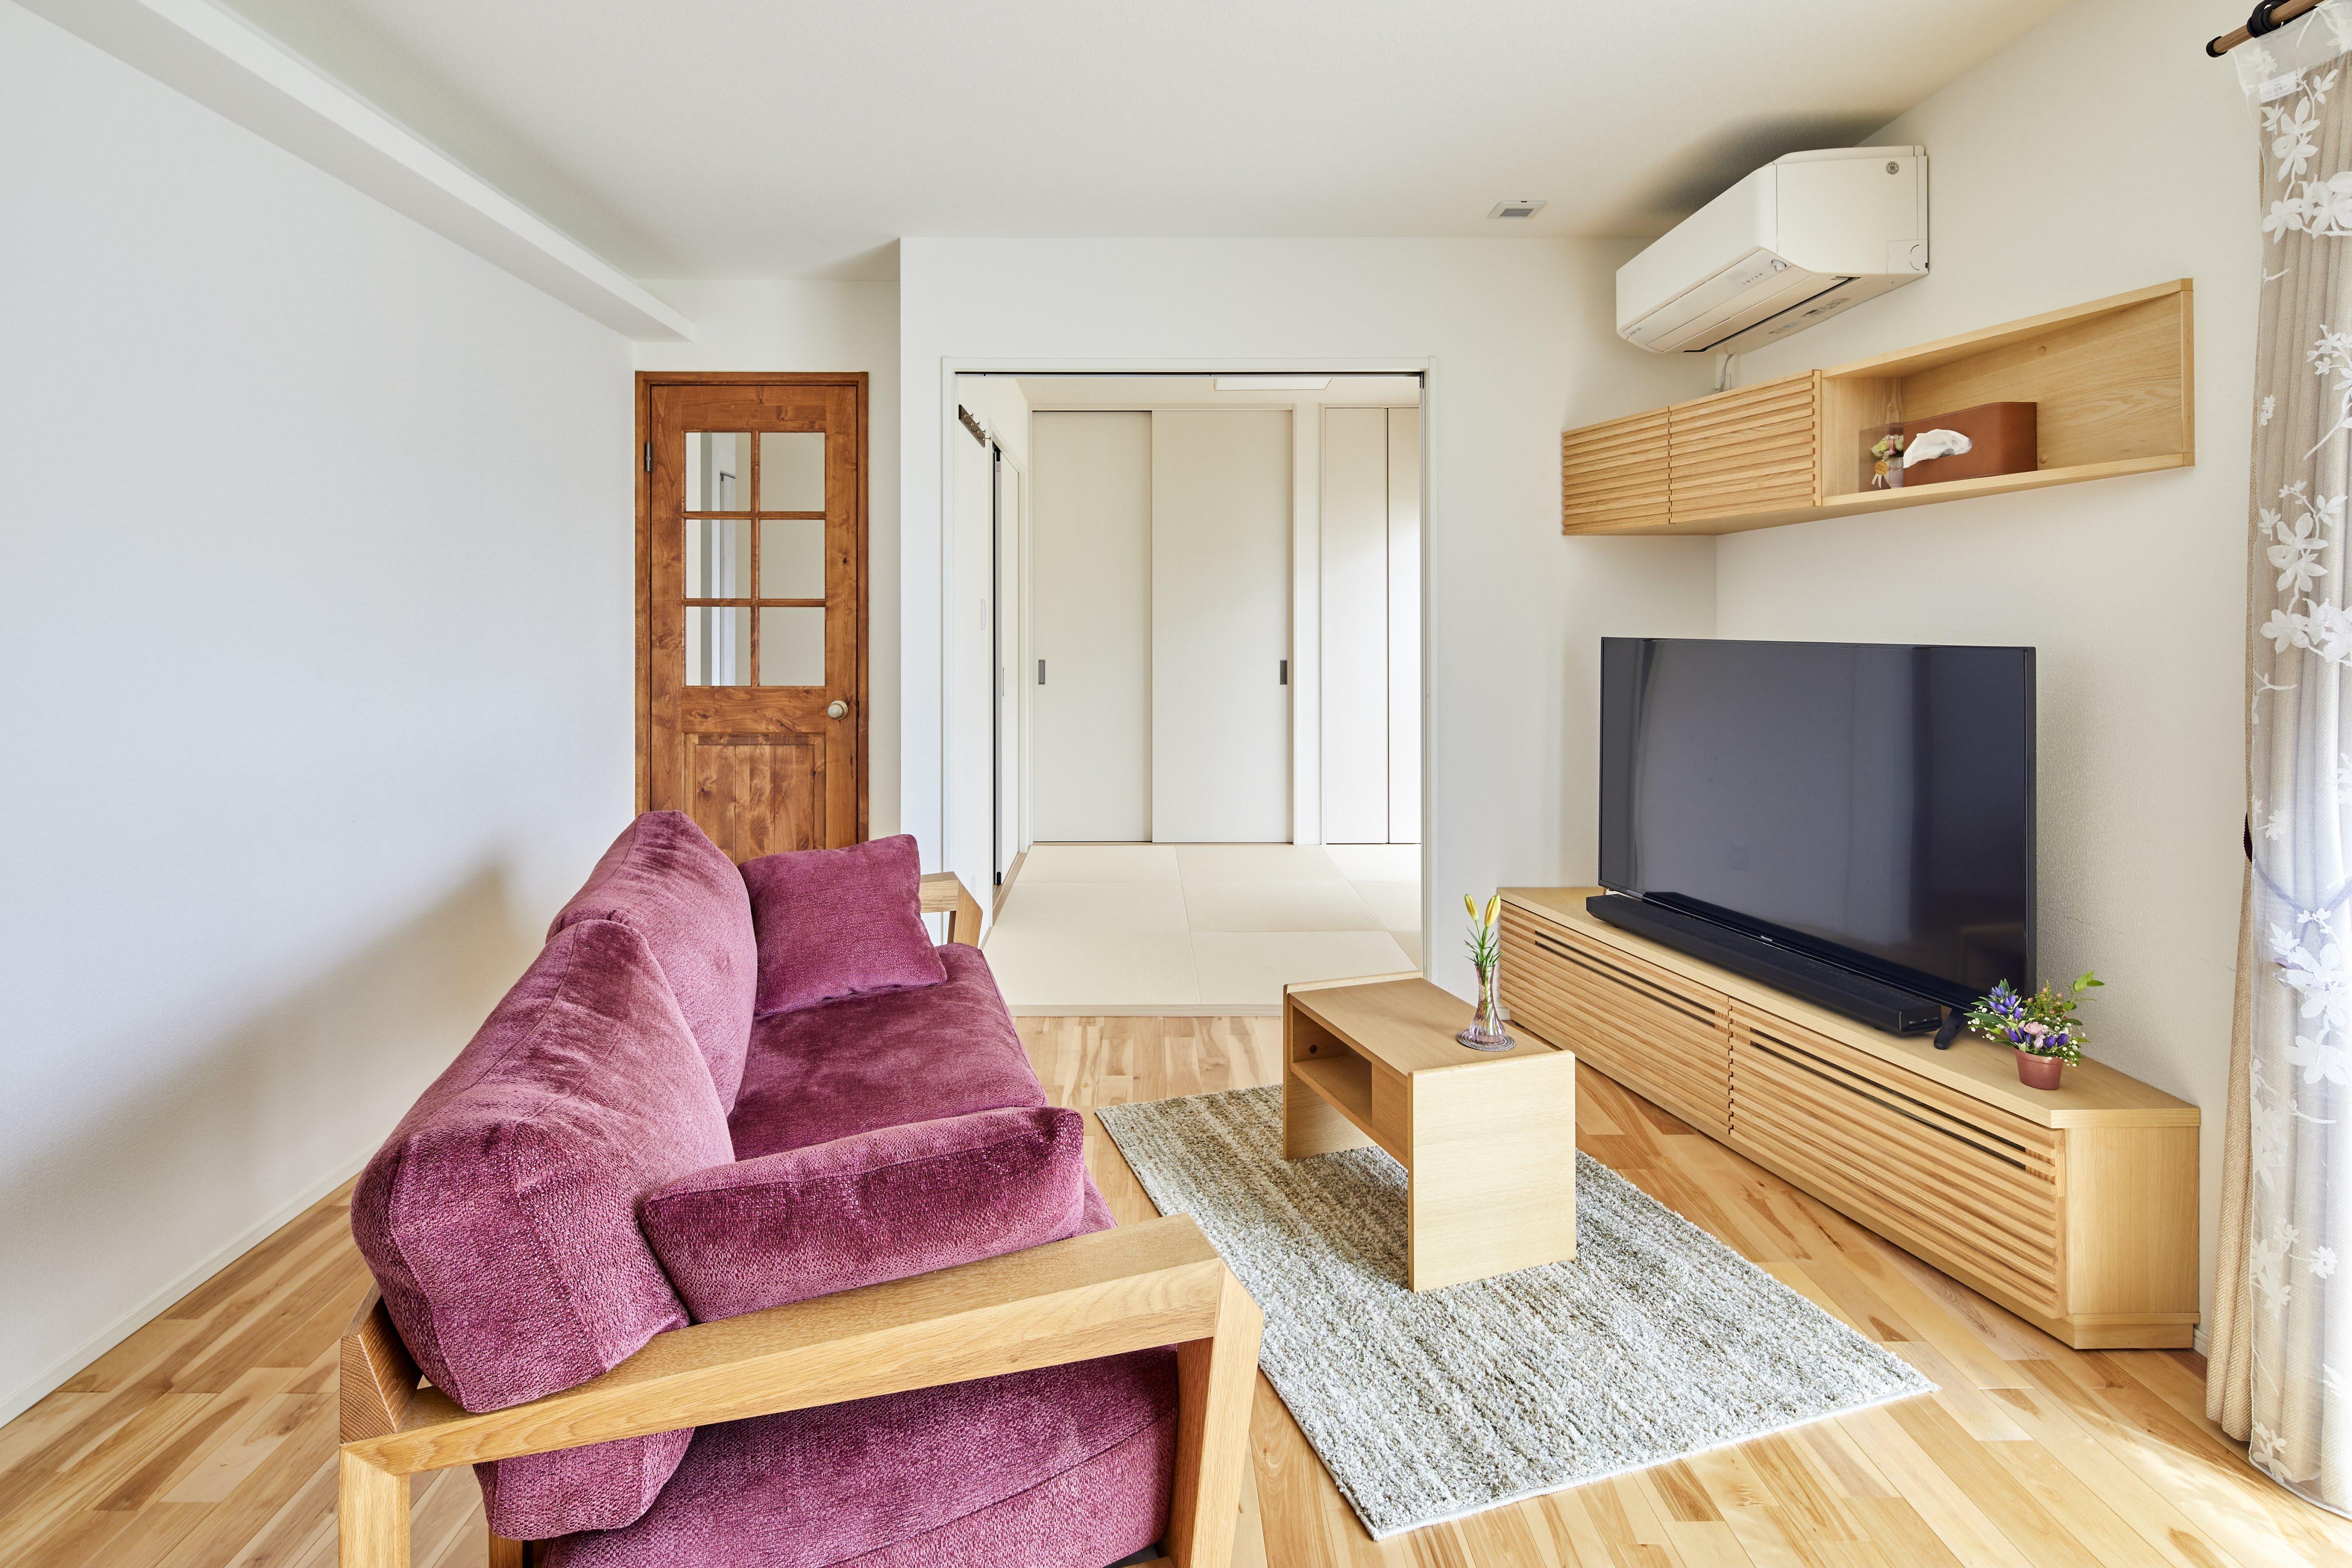 一つ一つの高品質な家具がしっかりとした存在感を出しながら、空間と調和